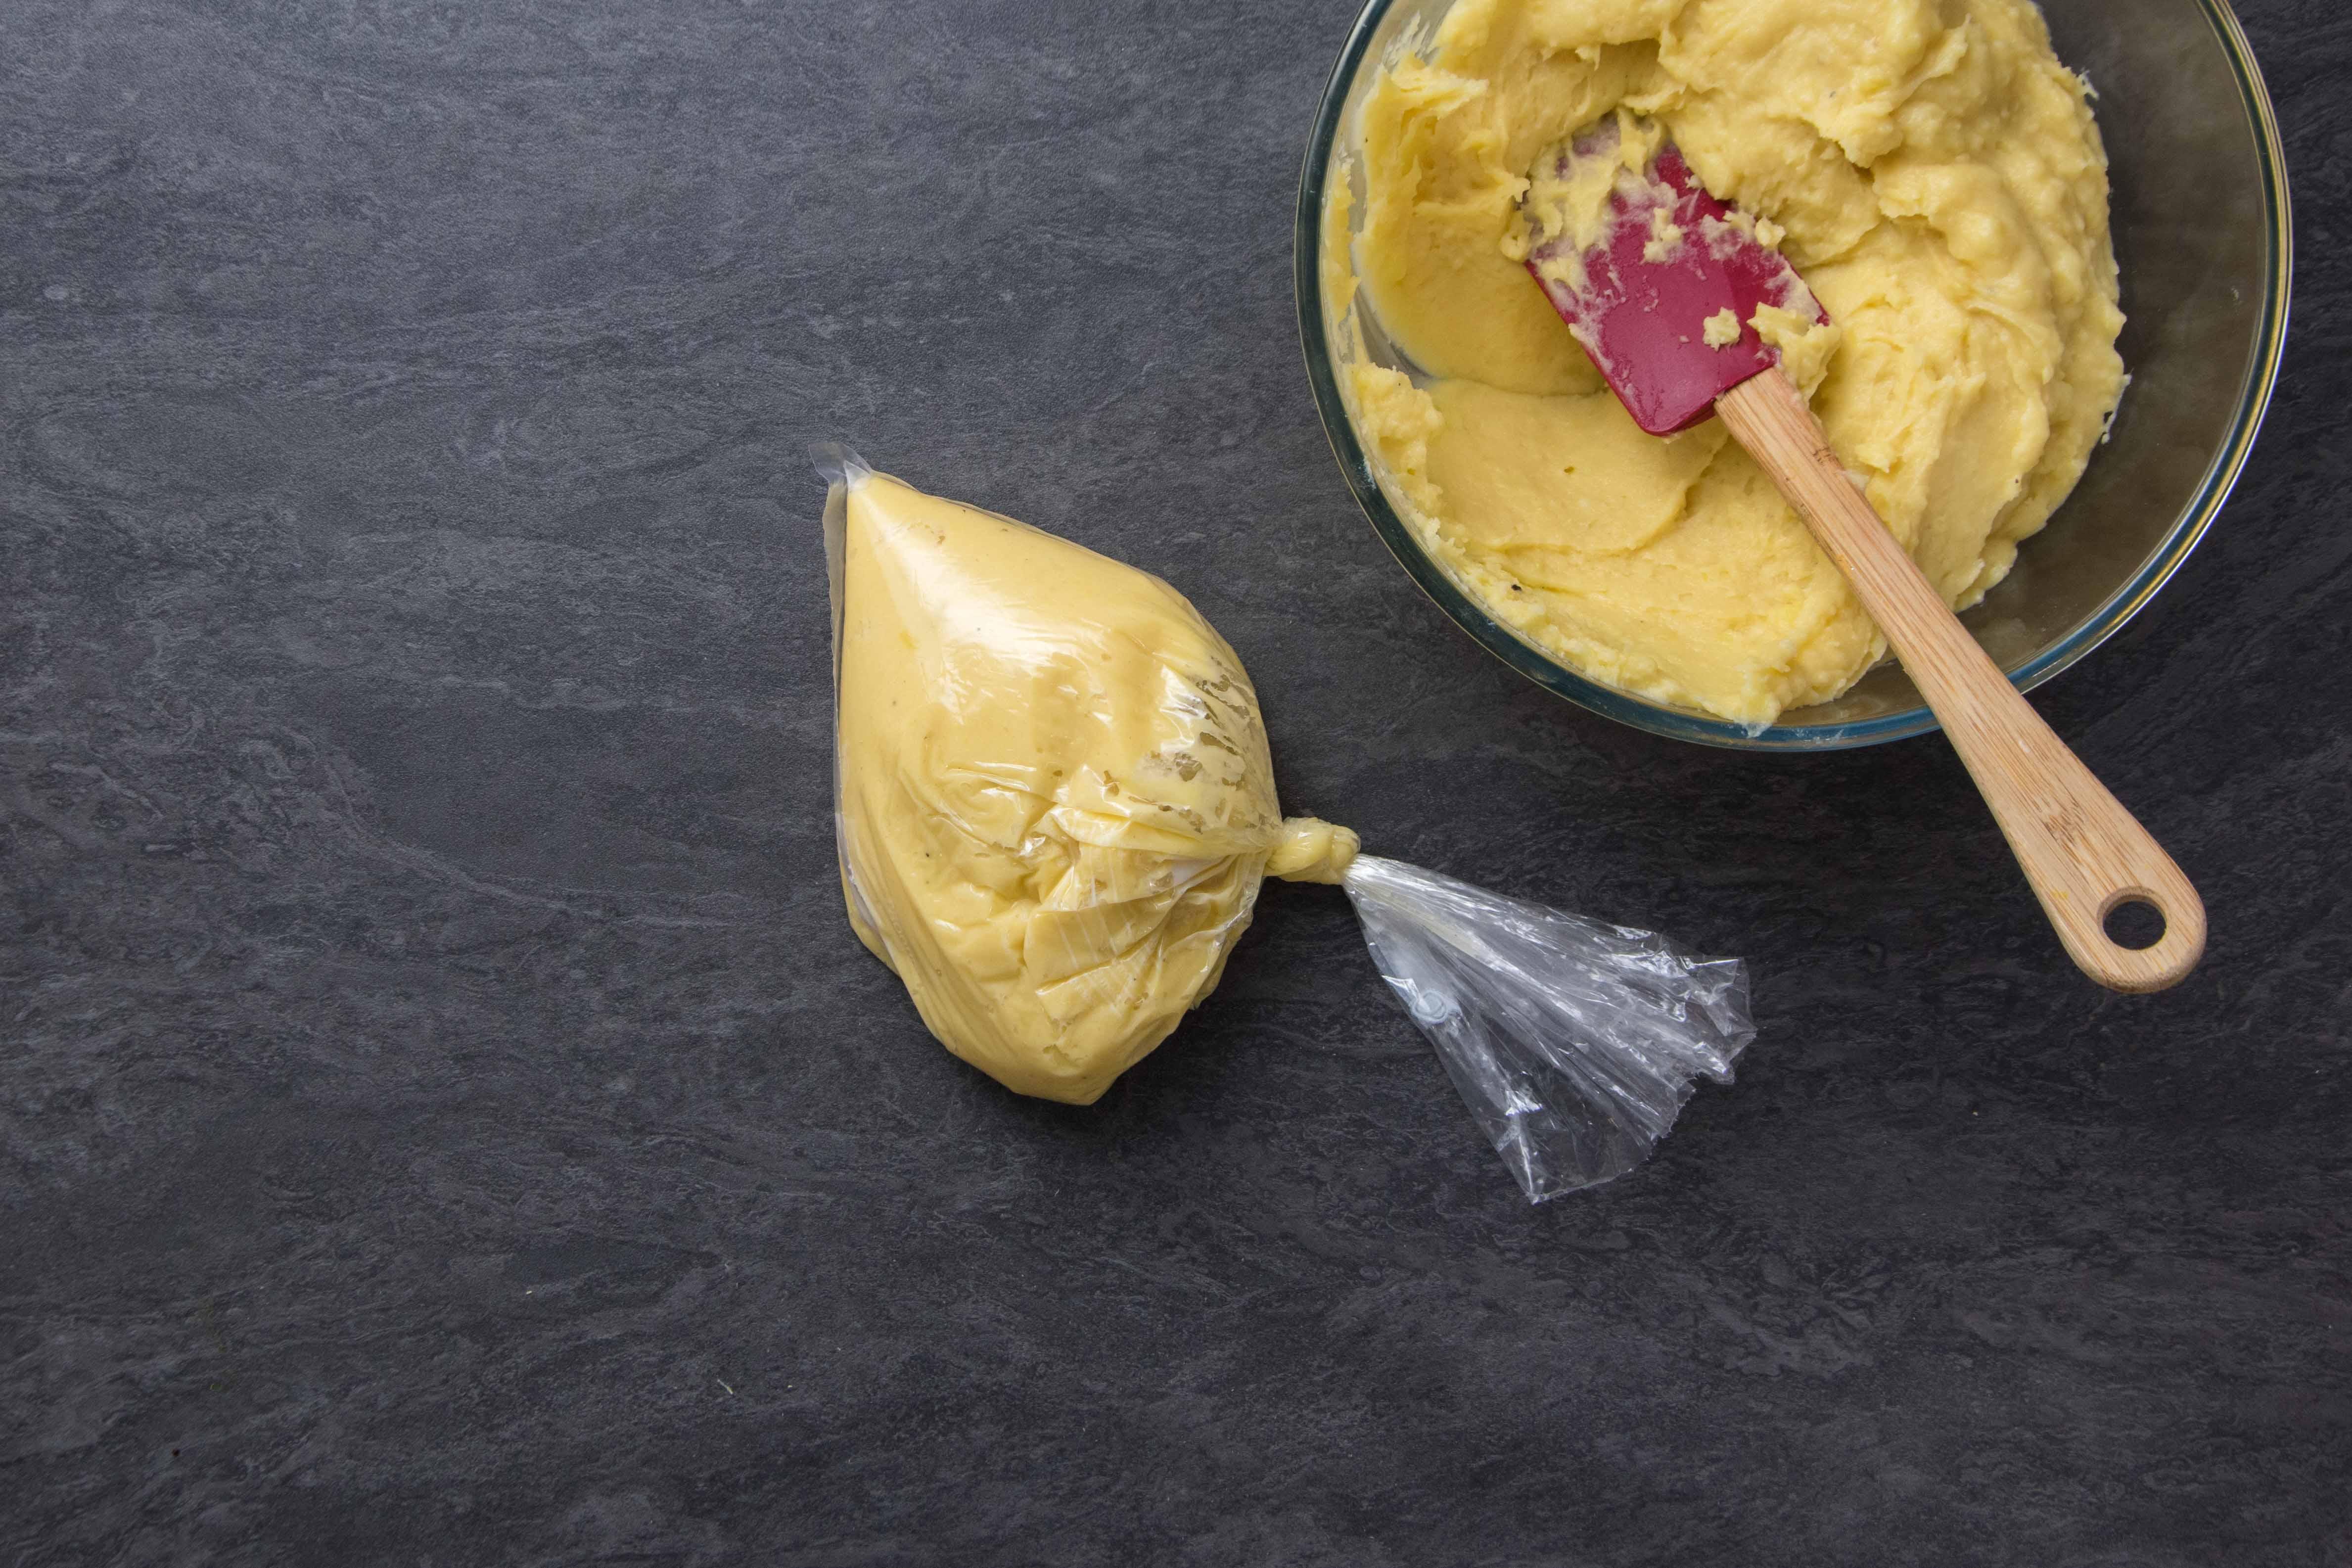 Recette pommes dauphines - étape 2 : ferme la douche à douilles #2